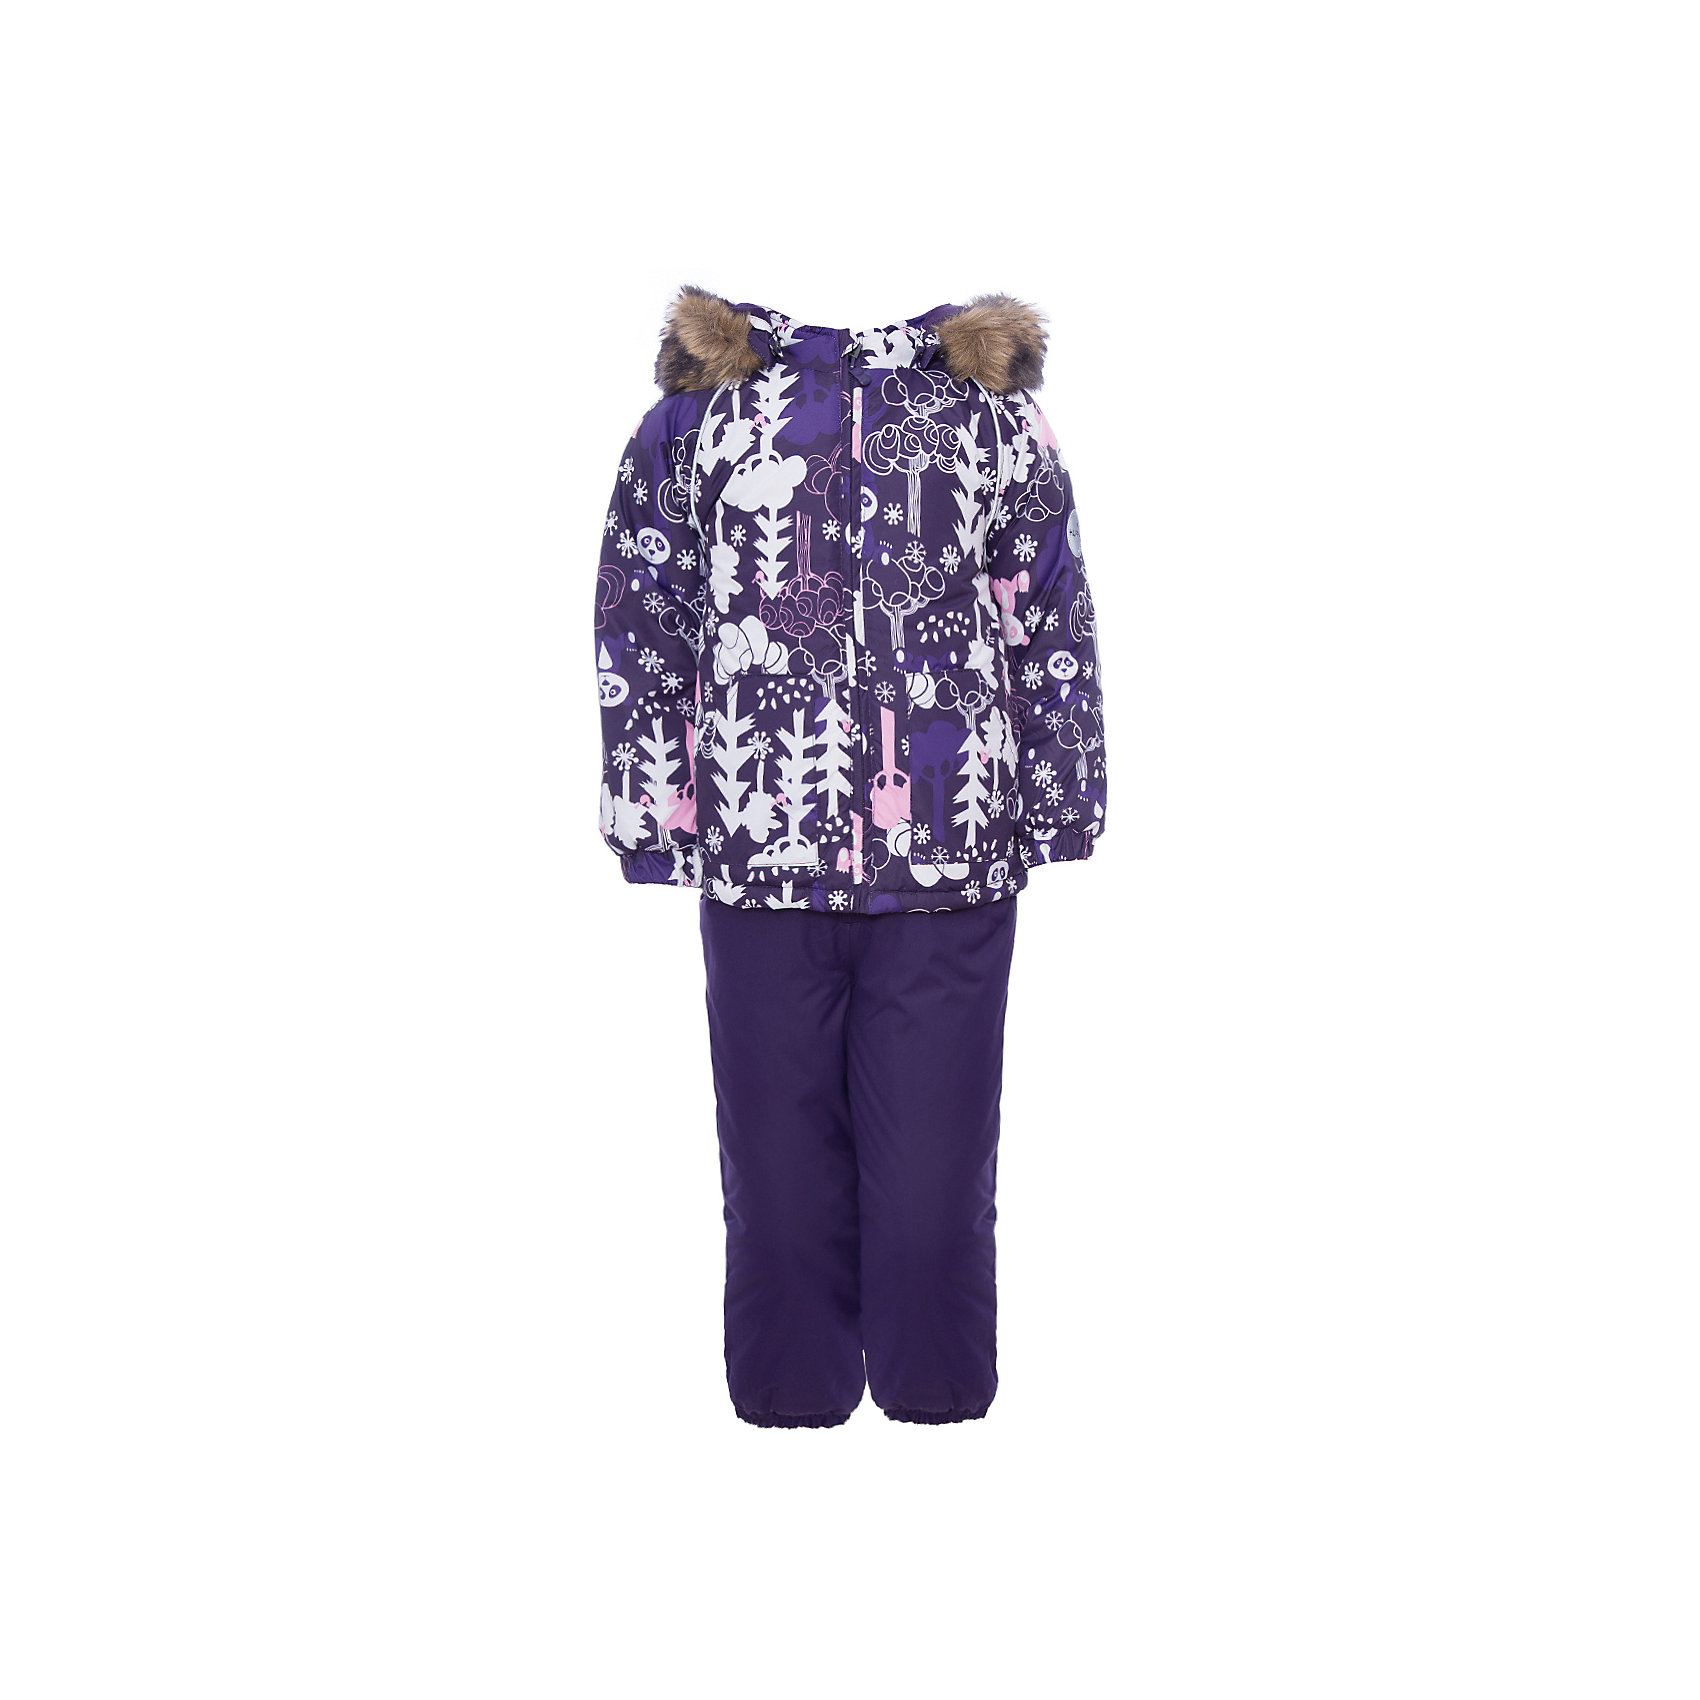 Комплект: куртка и брюки AVERY HuppaКомплекты<br>Комплект для малышей  AVERY.Водо и воздухонепроницаемость 5 000 куртка / 10 000 брюки. Утеплитель 300 гр куртка/160 гр брюки. Подкладка фланель 100% хлопок.Отстегивающийся капюшон с мехом.Манжеты рукавов на резинке. Манжеты брюк на резинке.Добавлены петли для ступней.Резиновые подтяжки.Имеются светоотражательные элементы.<br>Состав:<br>100% Полиэстер<br><br>Ширина мм: 356<br>Глубина мм: 10<br>Высота мм: 245<br>Вес г: 519<br>Цвет: лиловый<br>Возраст от месяцев: 36<br>Возраст до месяцев: 48<br>Пол: Унисекс<br>Возраст: Детский<br>Размер: 104,80,86,92,98<br>SKU: 7027036